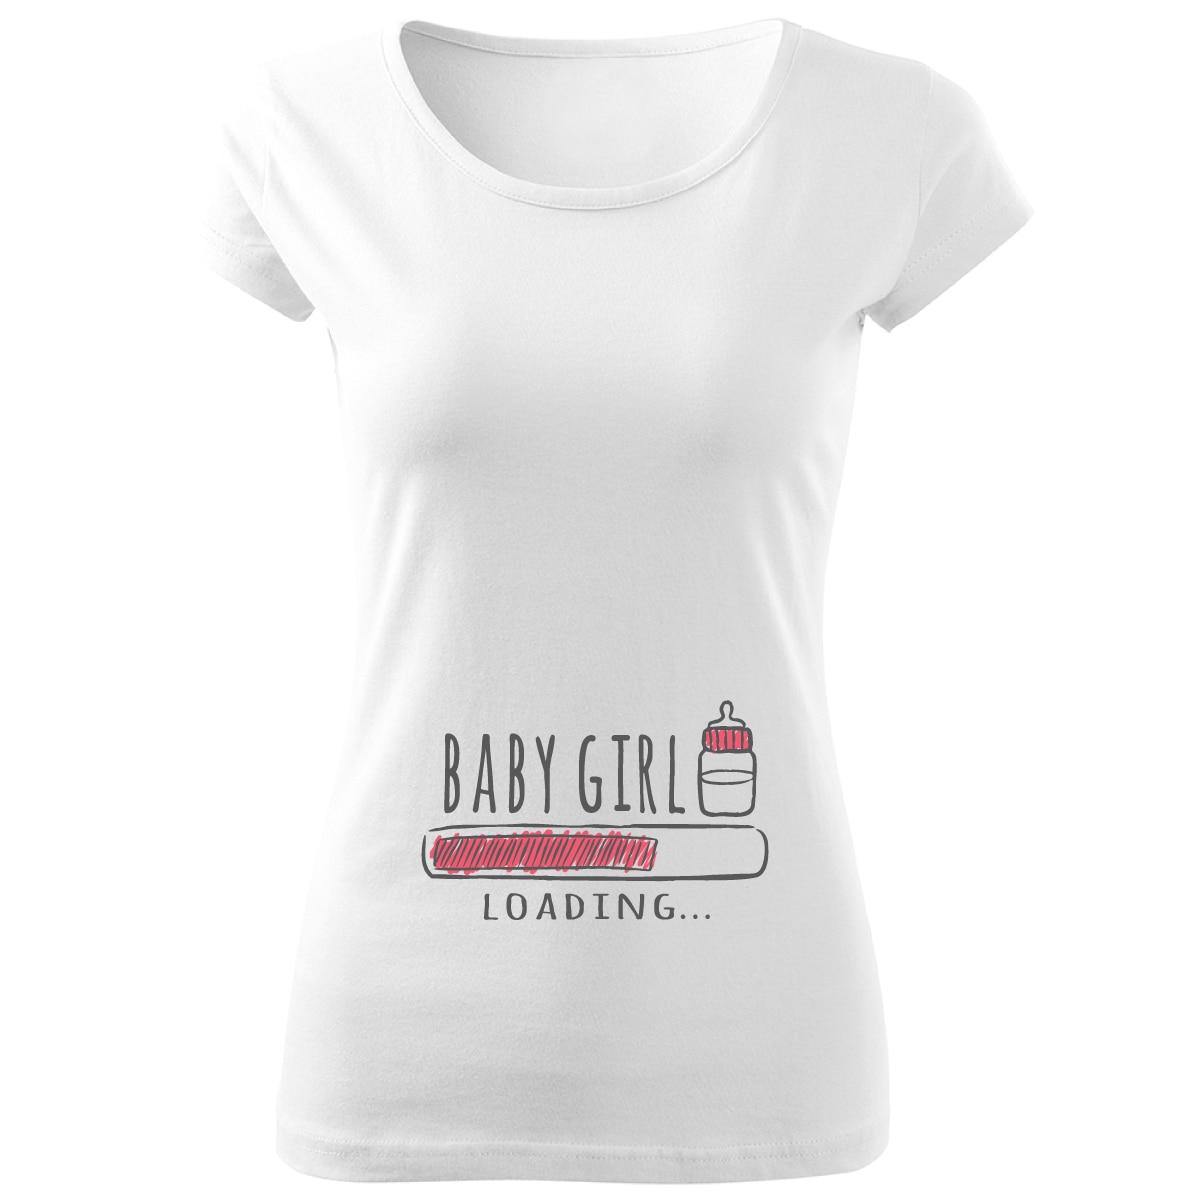 Îmbrăcăminte pentru sarcină și maternitate   produse - biobreaza.ro